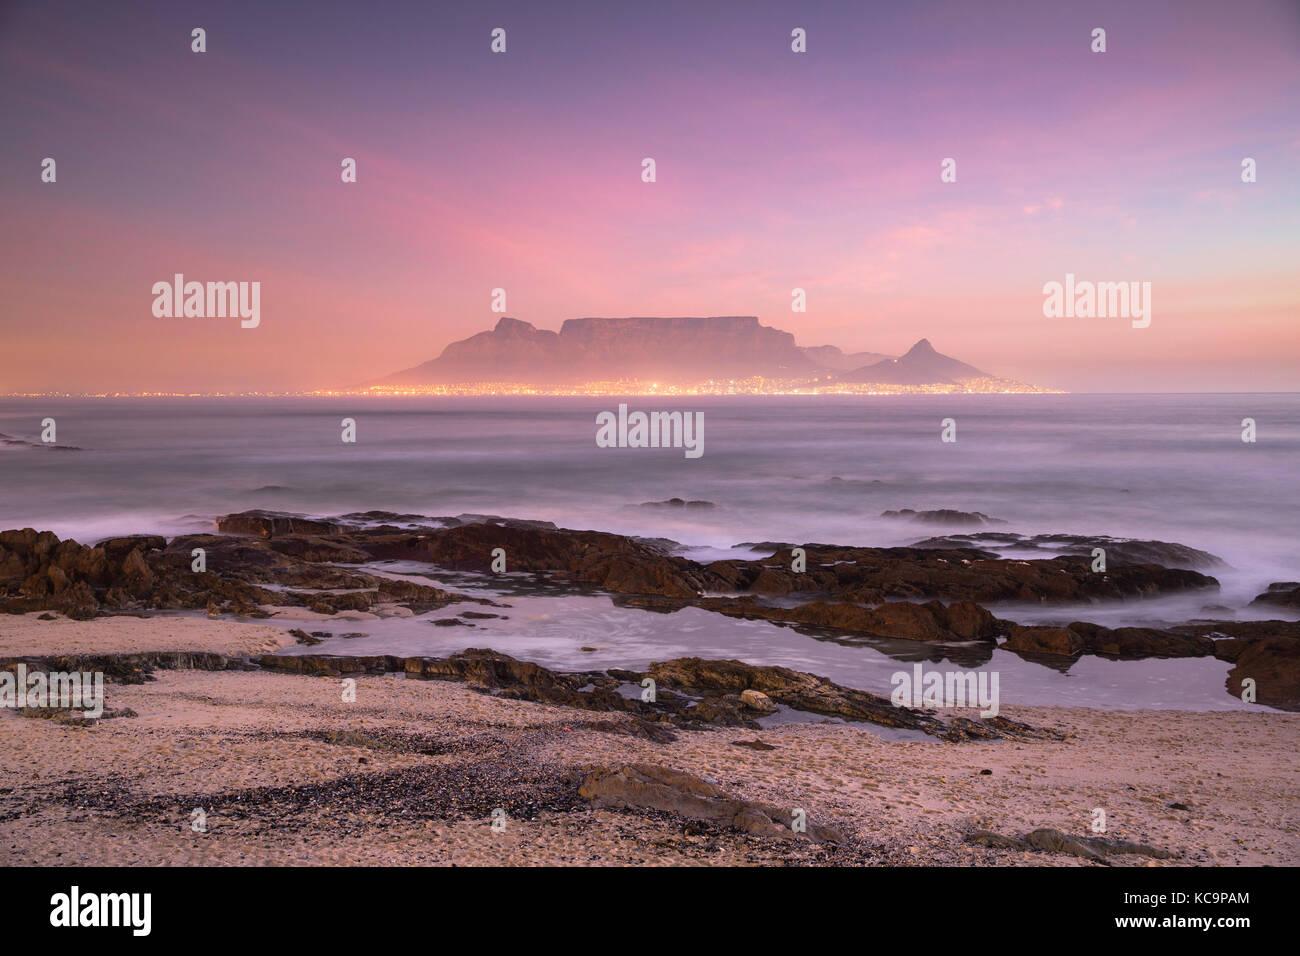 Vistas de Table Mountain desde bloubergstrand al atardecer, Ciudad del Cabo, Western Cape, Sudáfrica Imagen De Stock